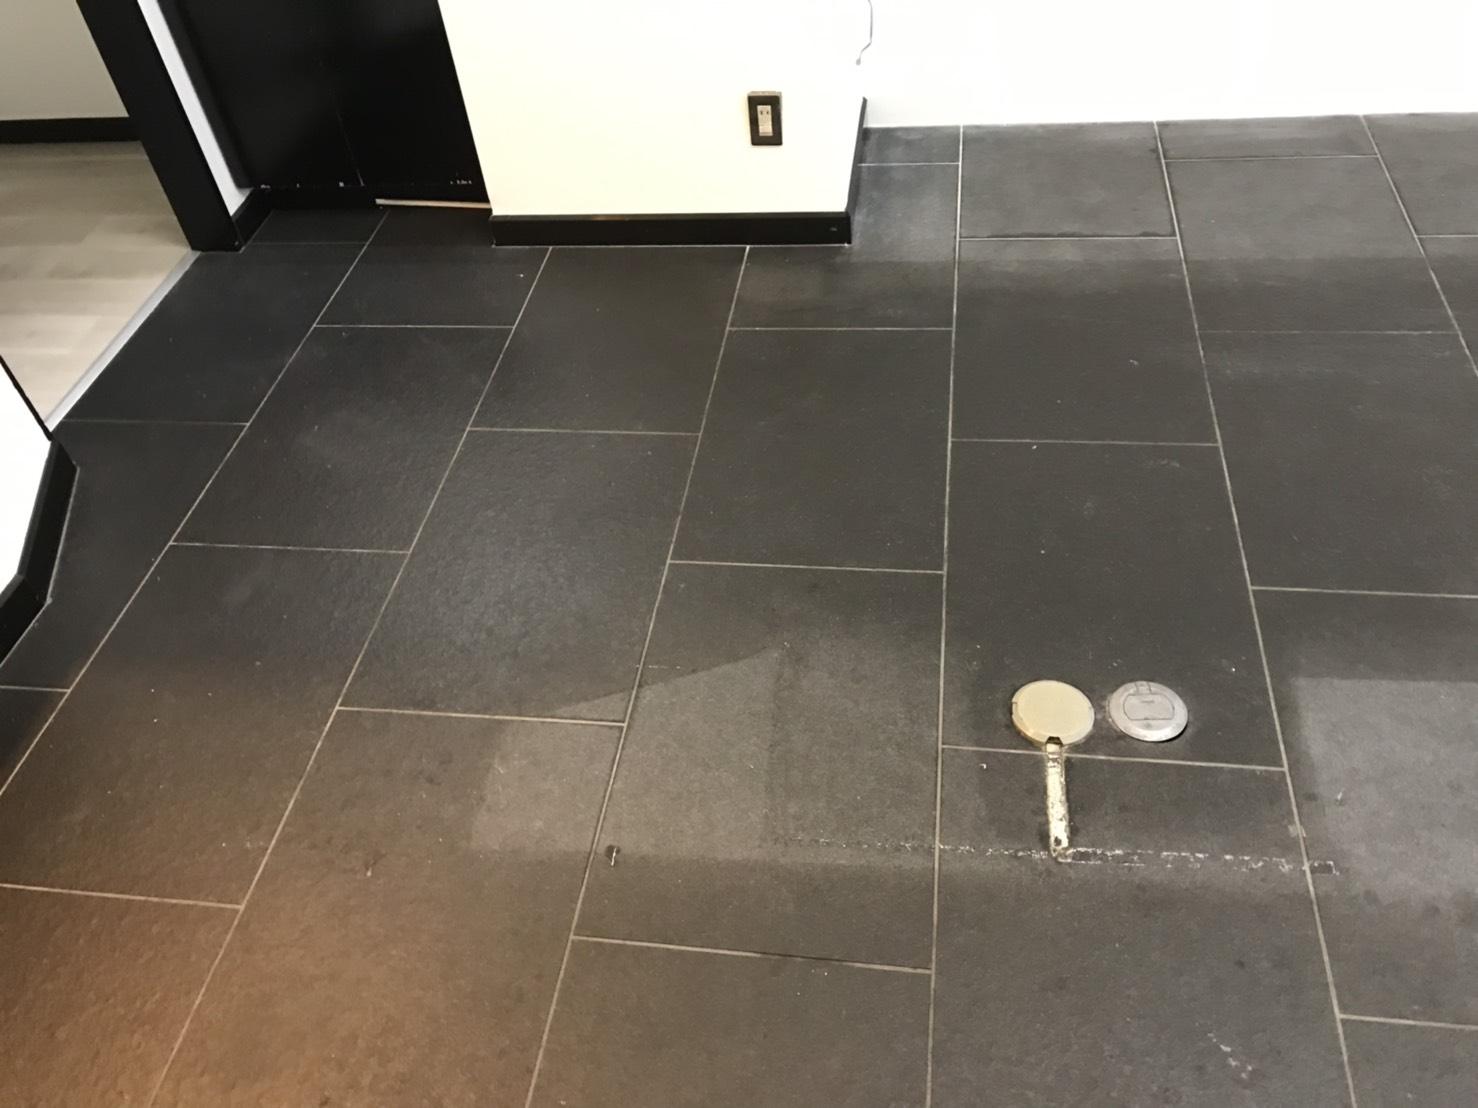 佃煮店後の御影石バーナー床の洗浄のサムネイル